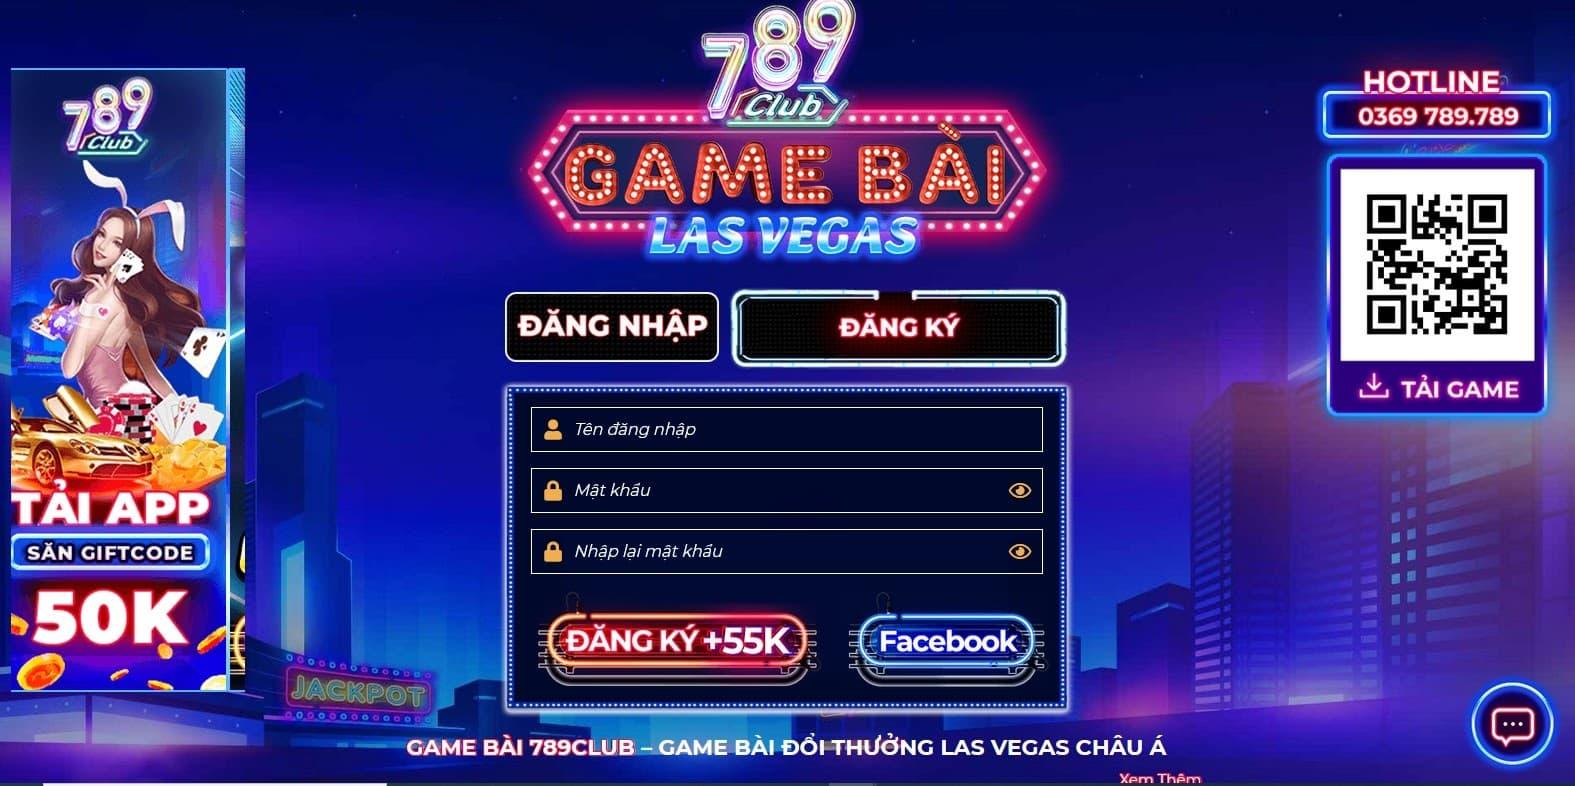 Game bài 789 club